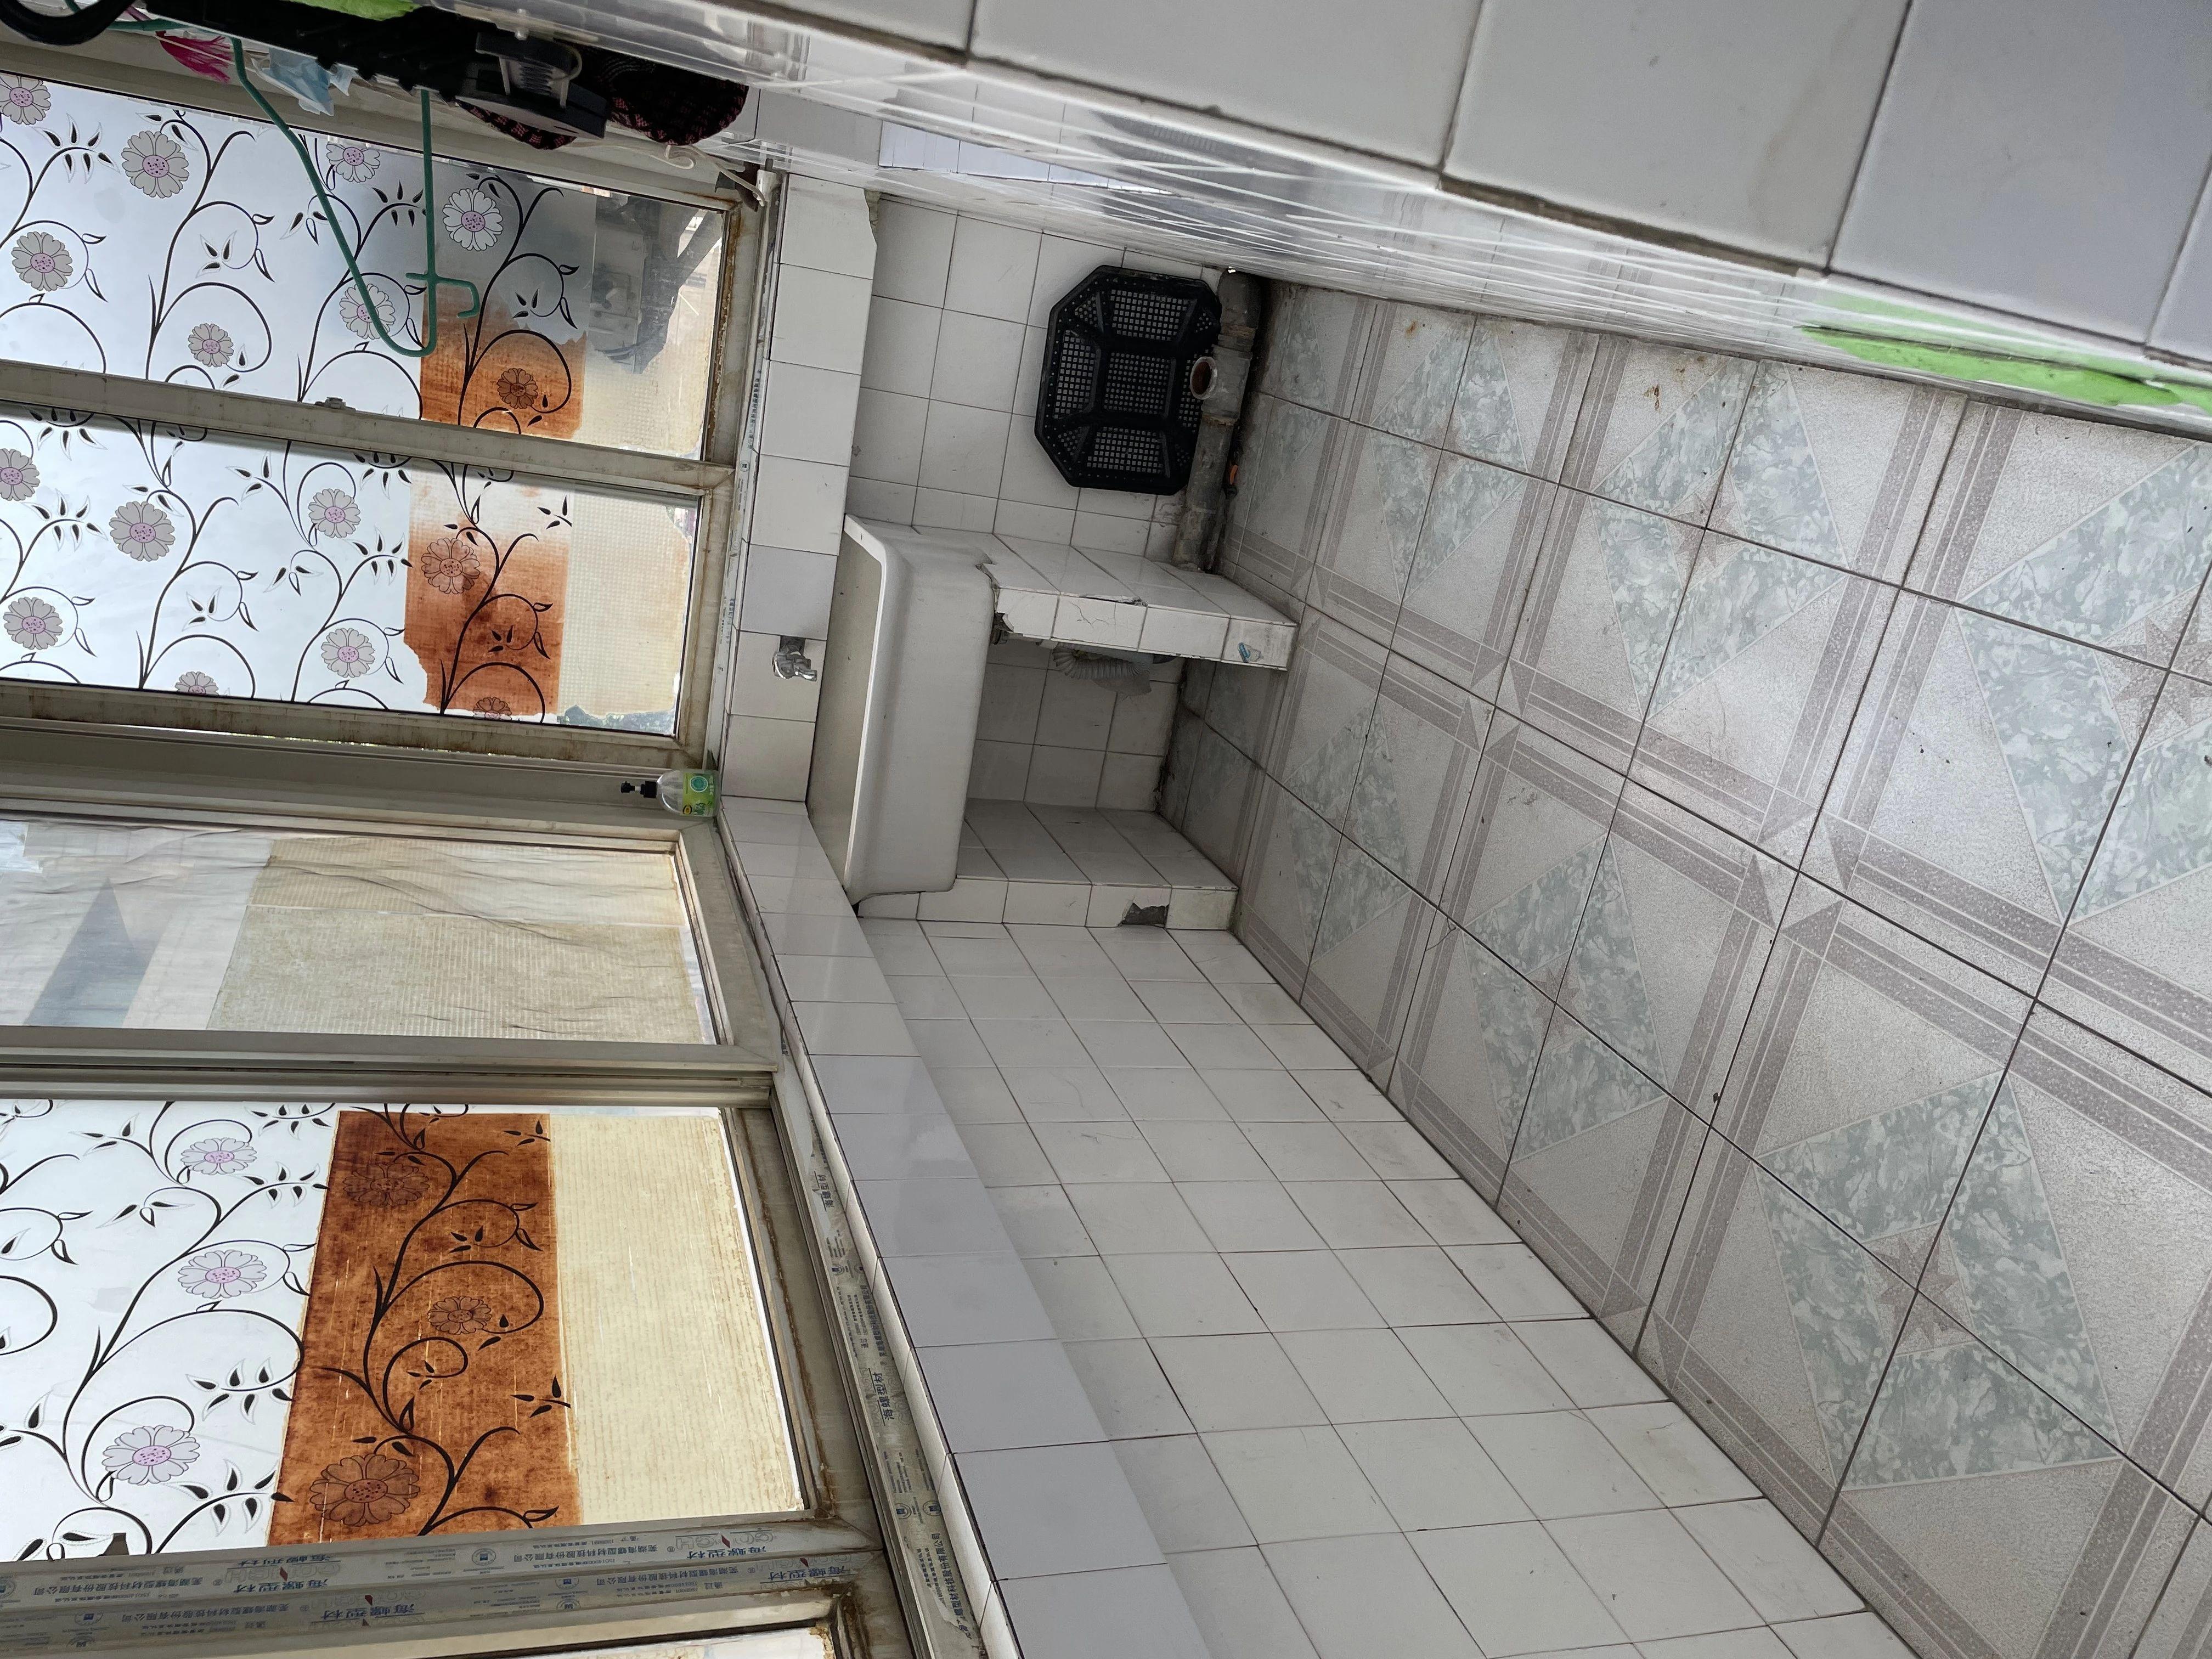 西河路三楼2房一厅一厨一卫出租仅需2000,家电缺洗